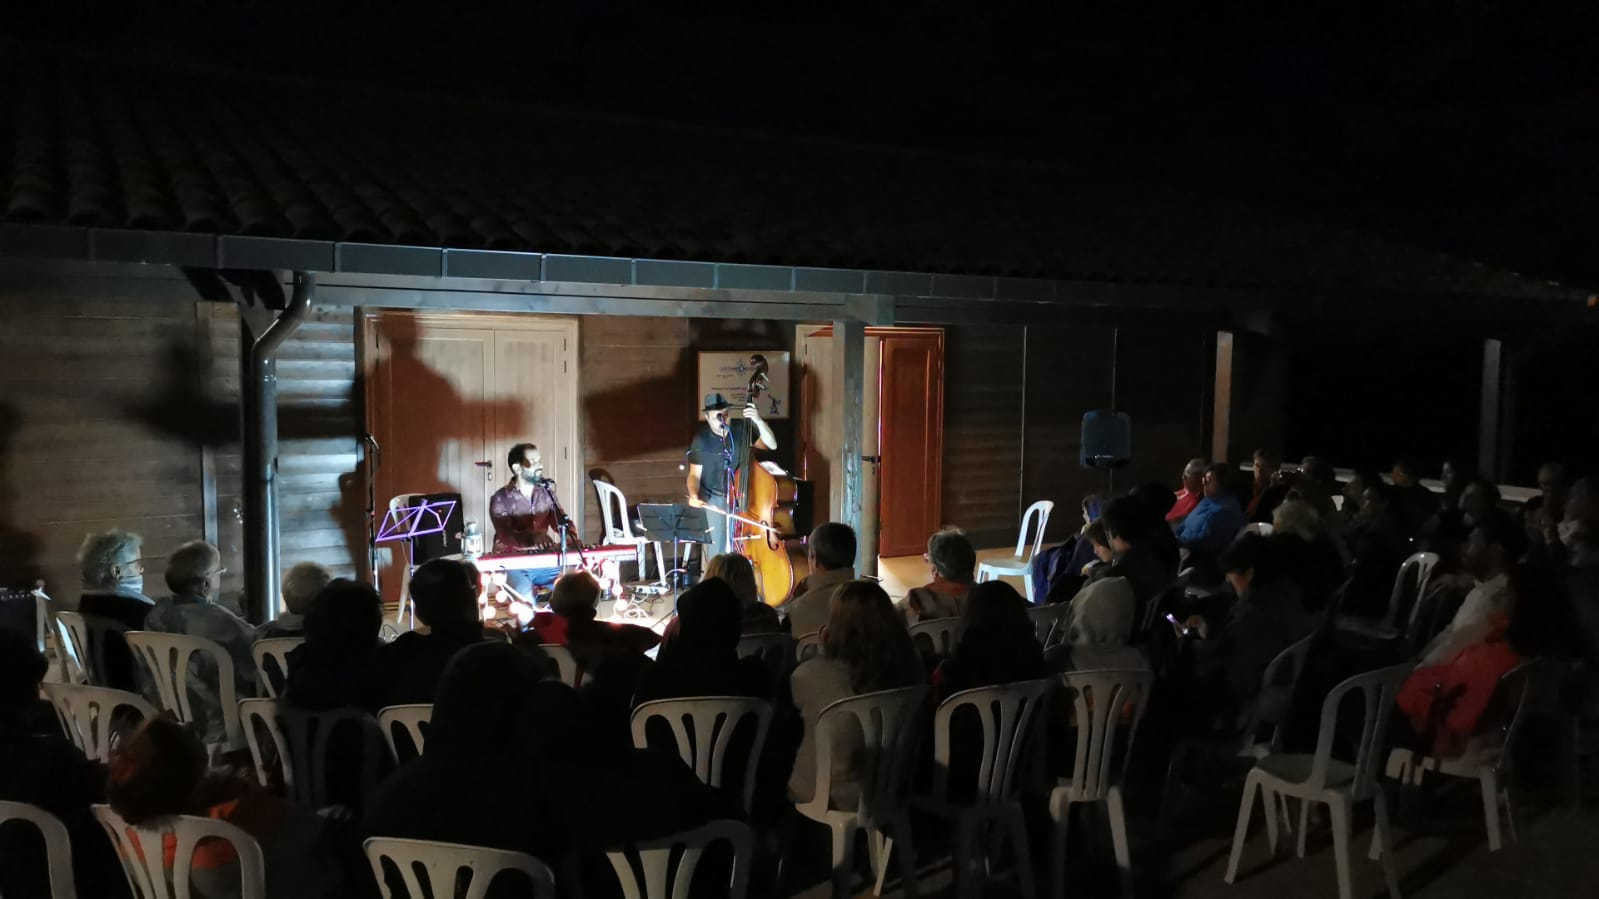 Més de 80 persones viuen el concert del Raül Benéitez a l'Observatori de Pujalt